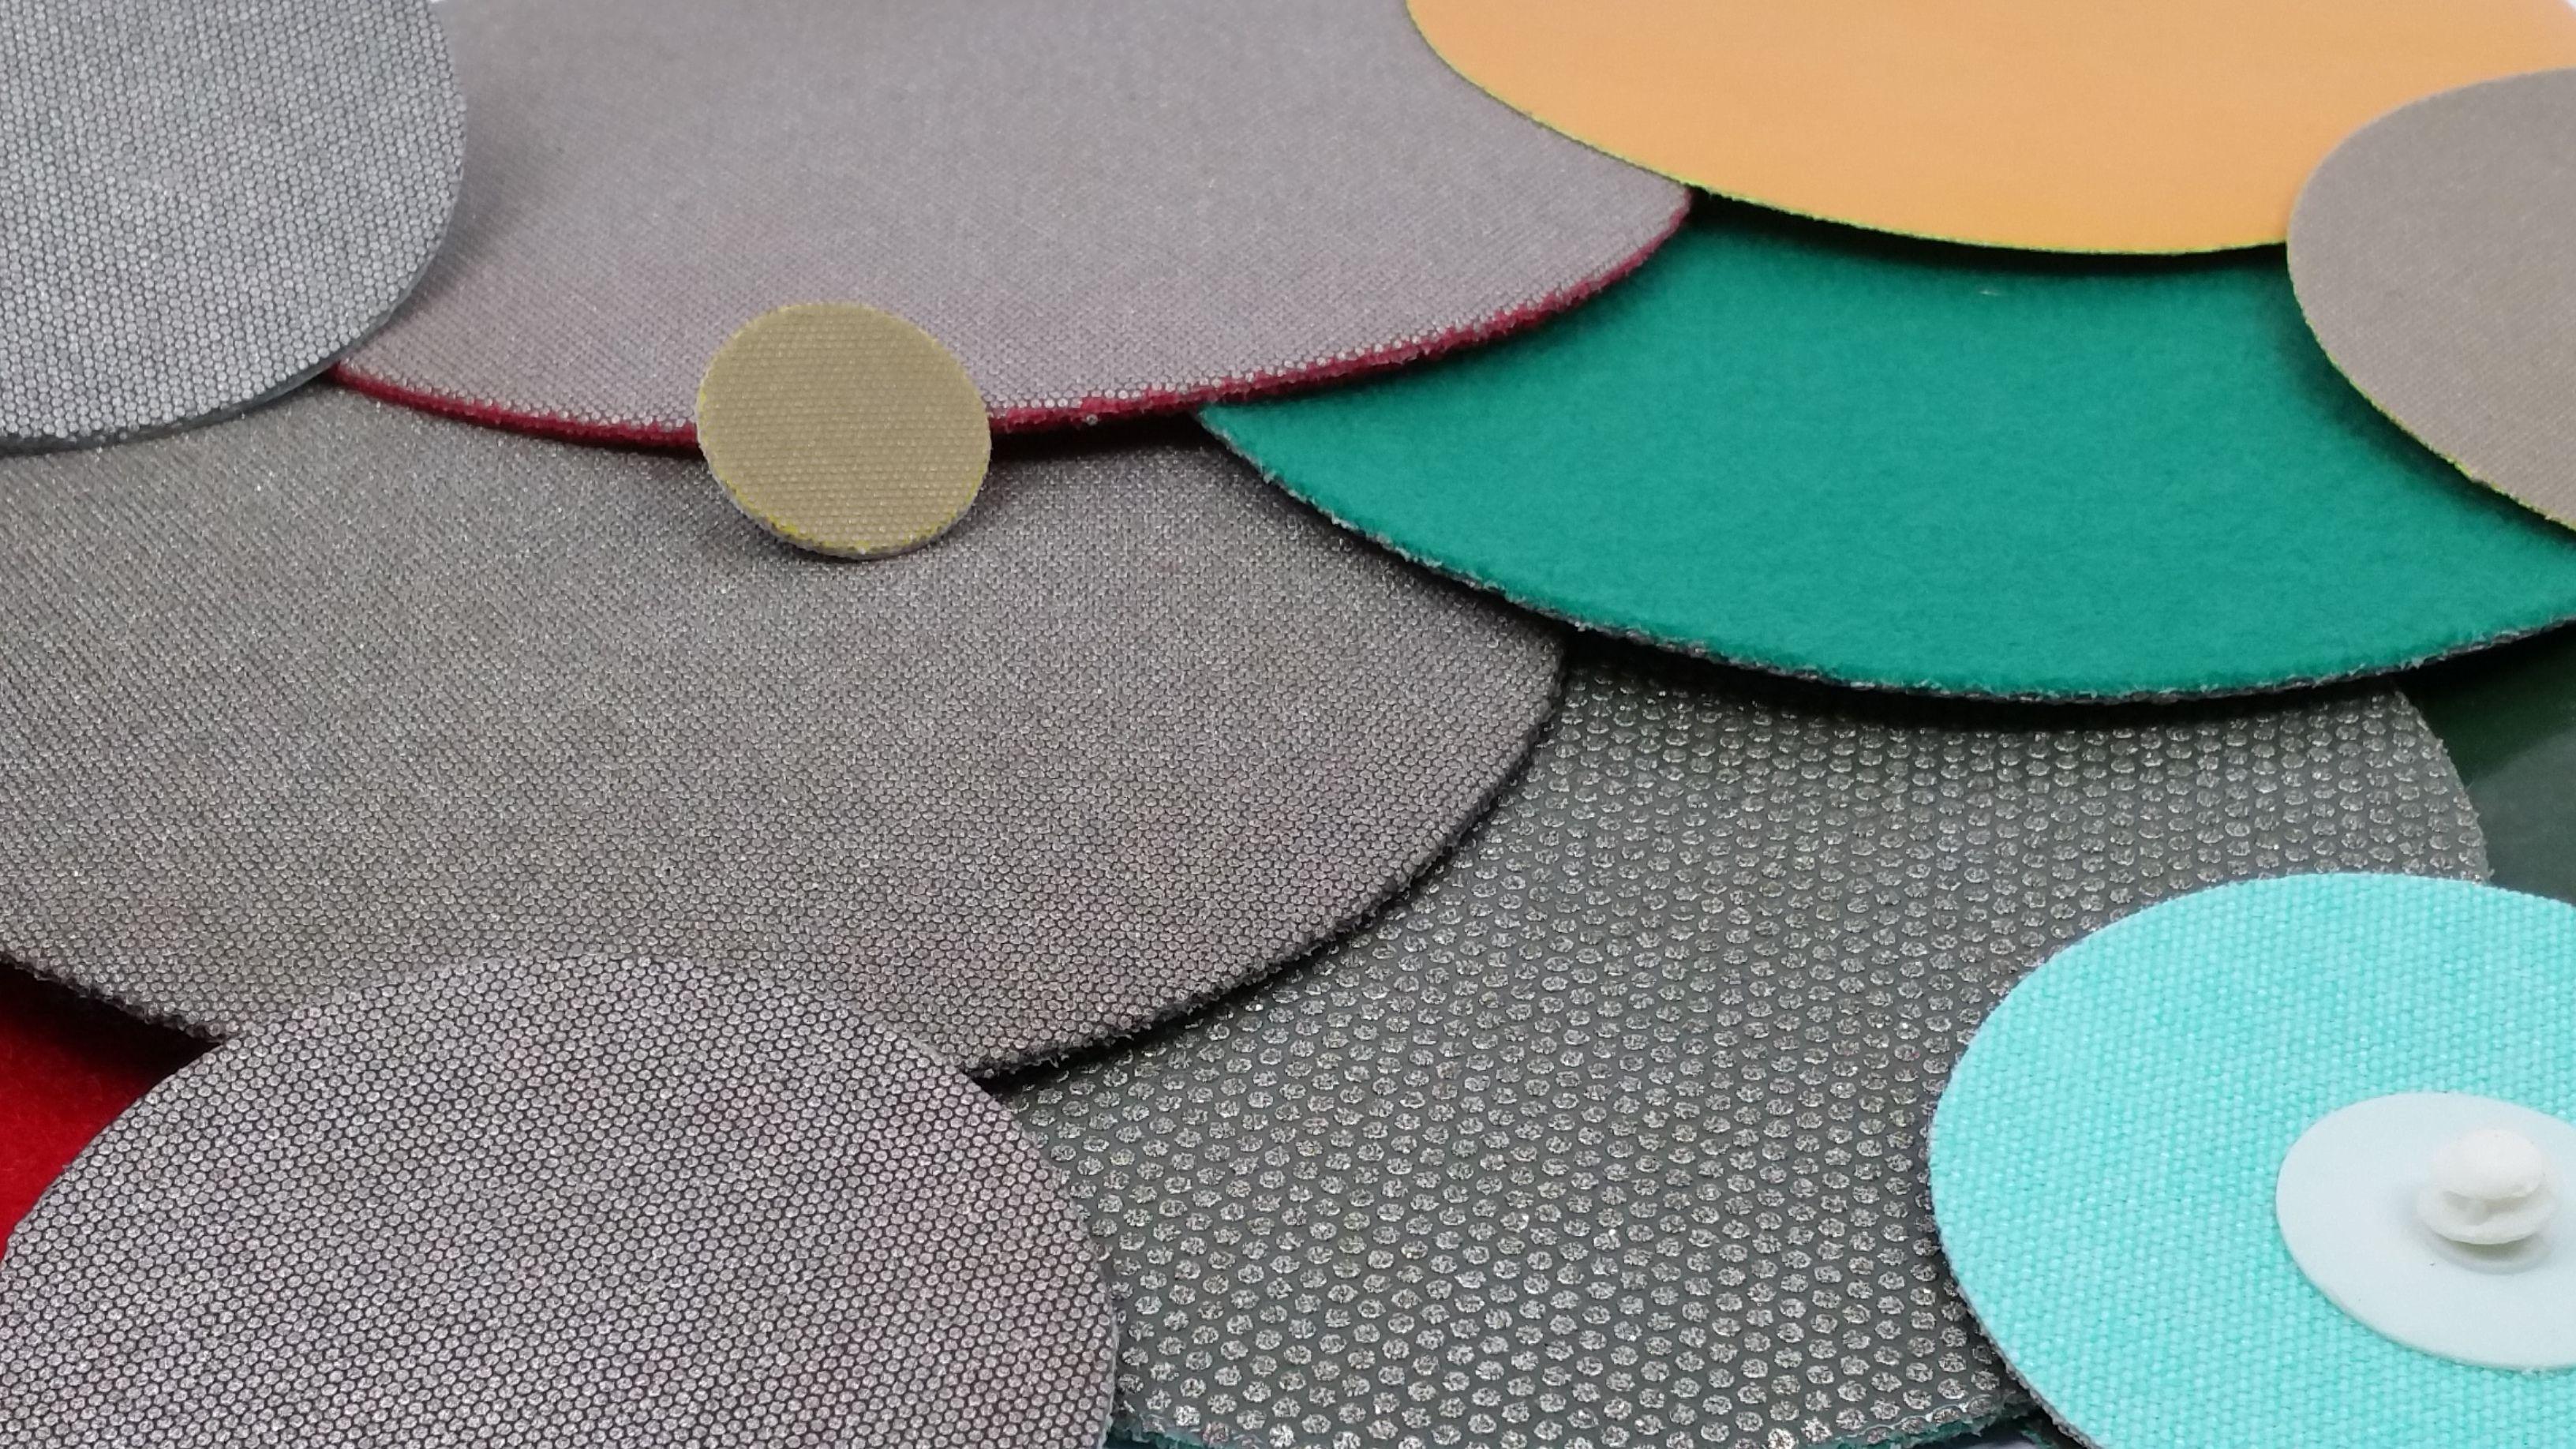 flexible-diamond-discs.jpg